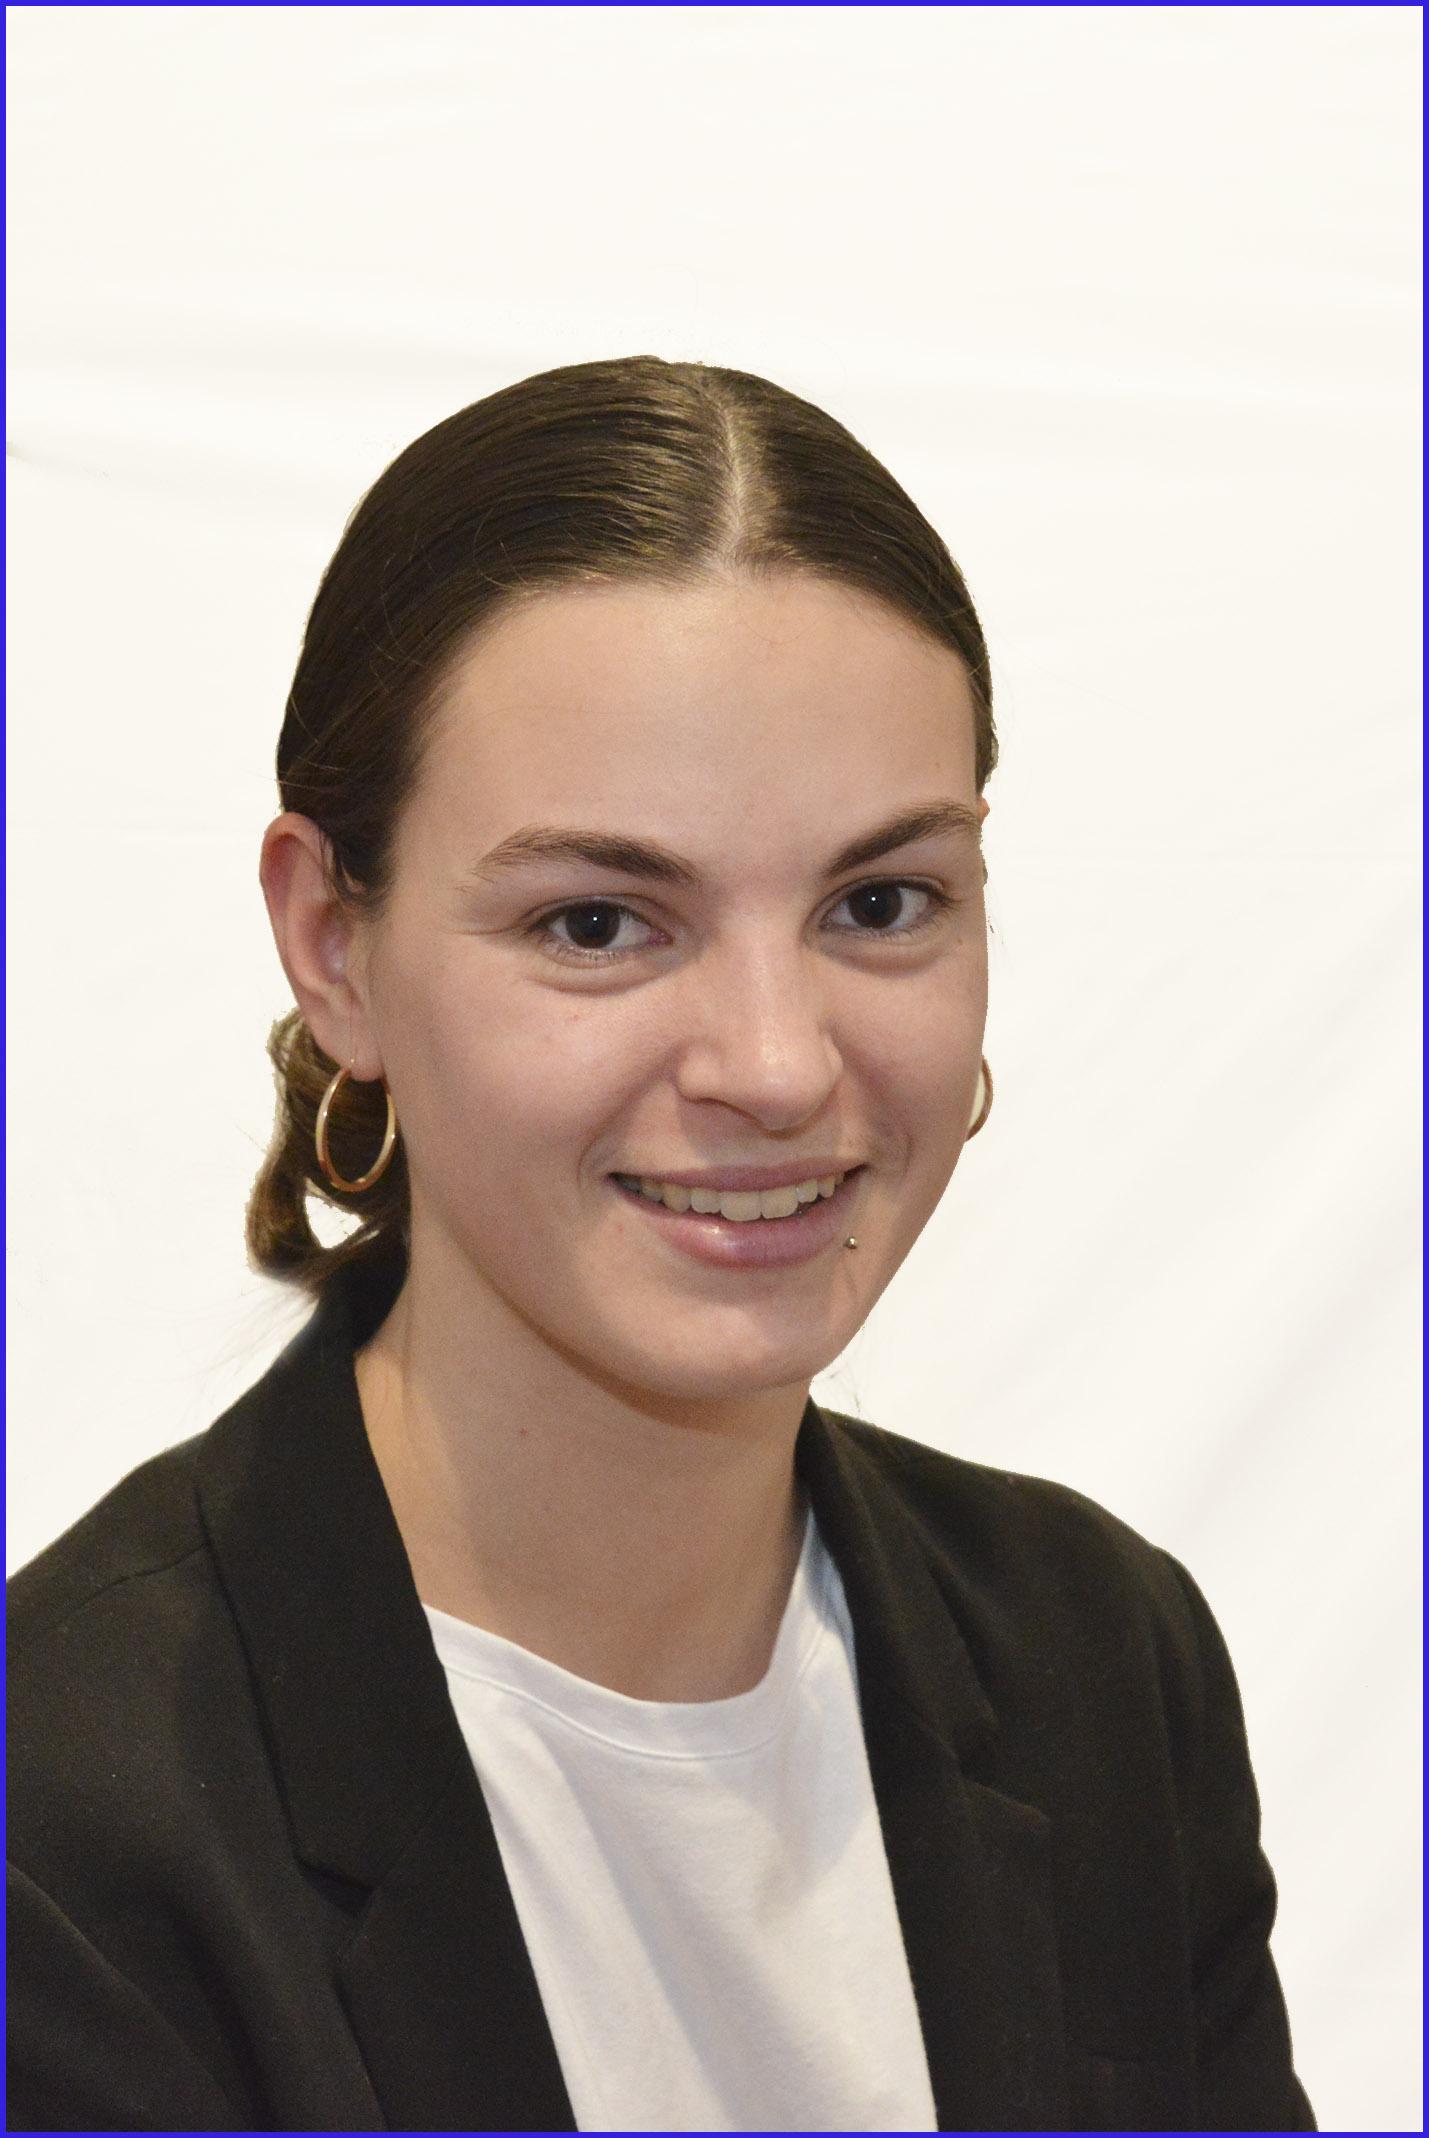 Sarah Corbrejaud